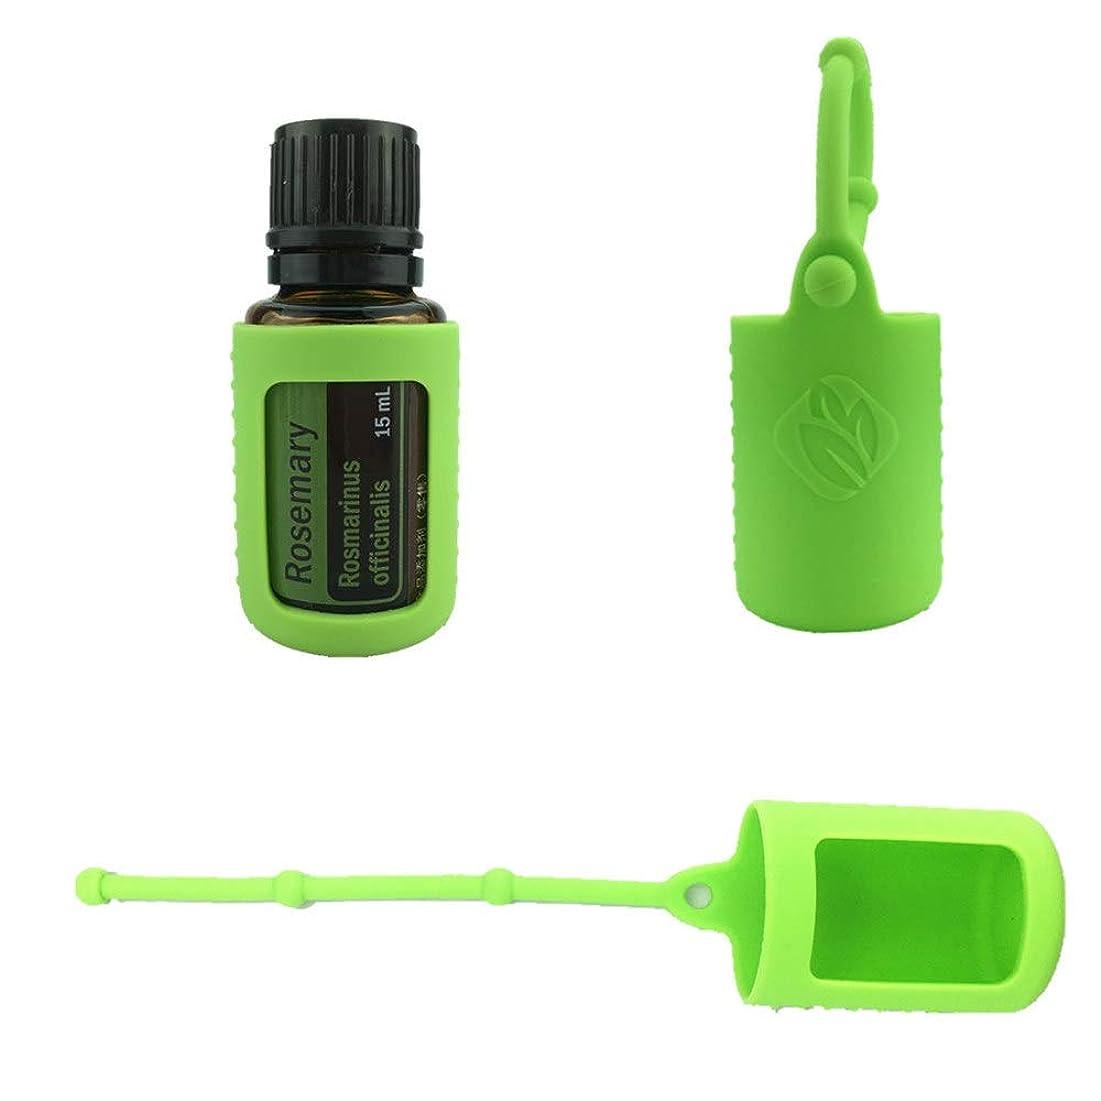 枕慈善してはいけない6パック熱望オイルボトルシリコンローラーボトルホルダースリーブエッセンシャルオイルボトル保護カバーケースハングロープ - グリーン - 6-pcs 10ml